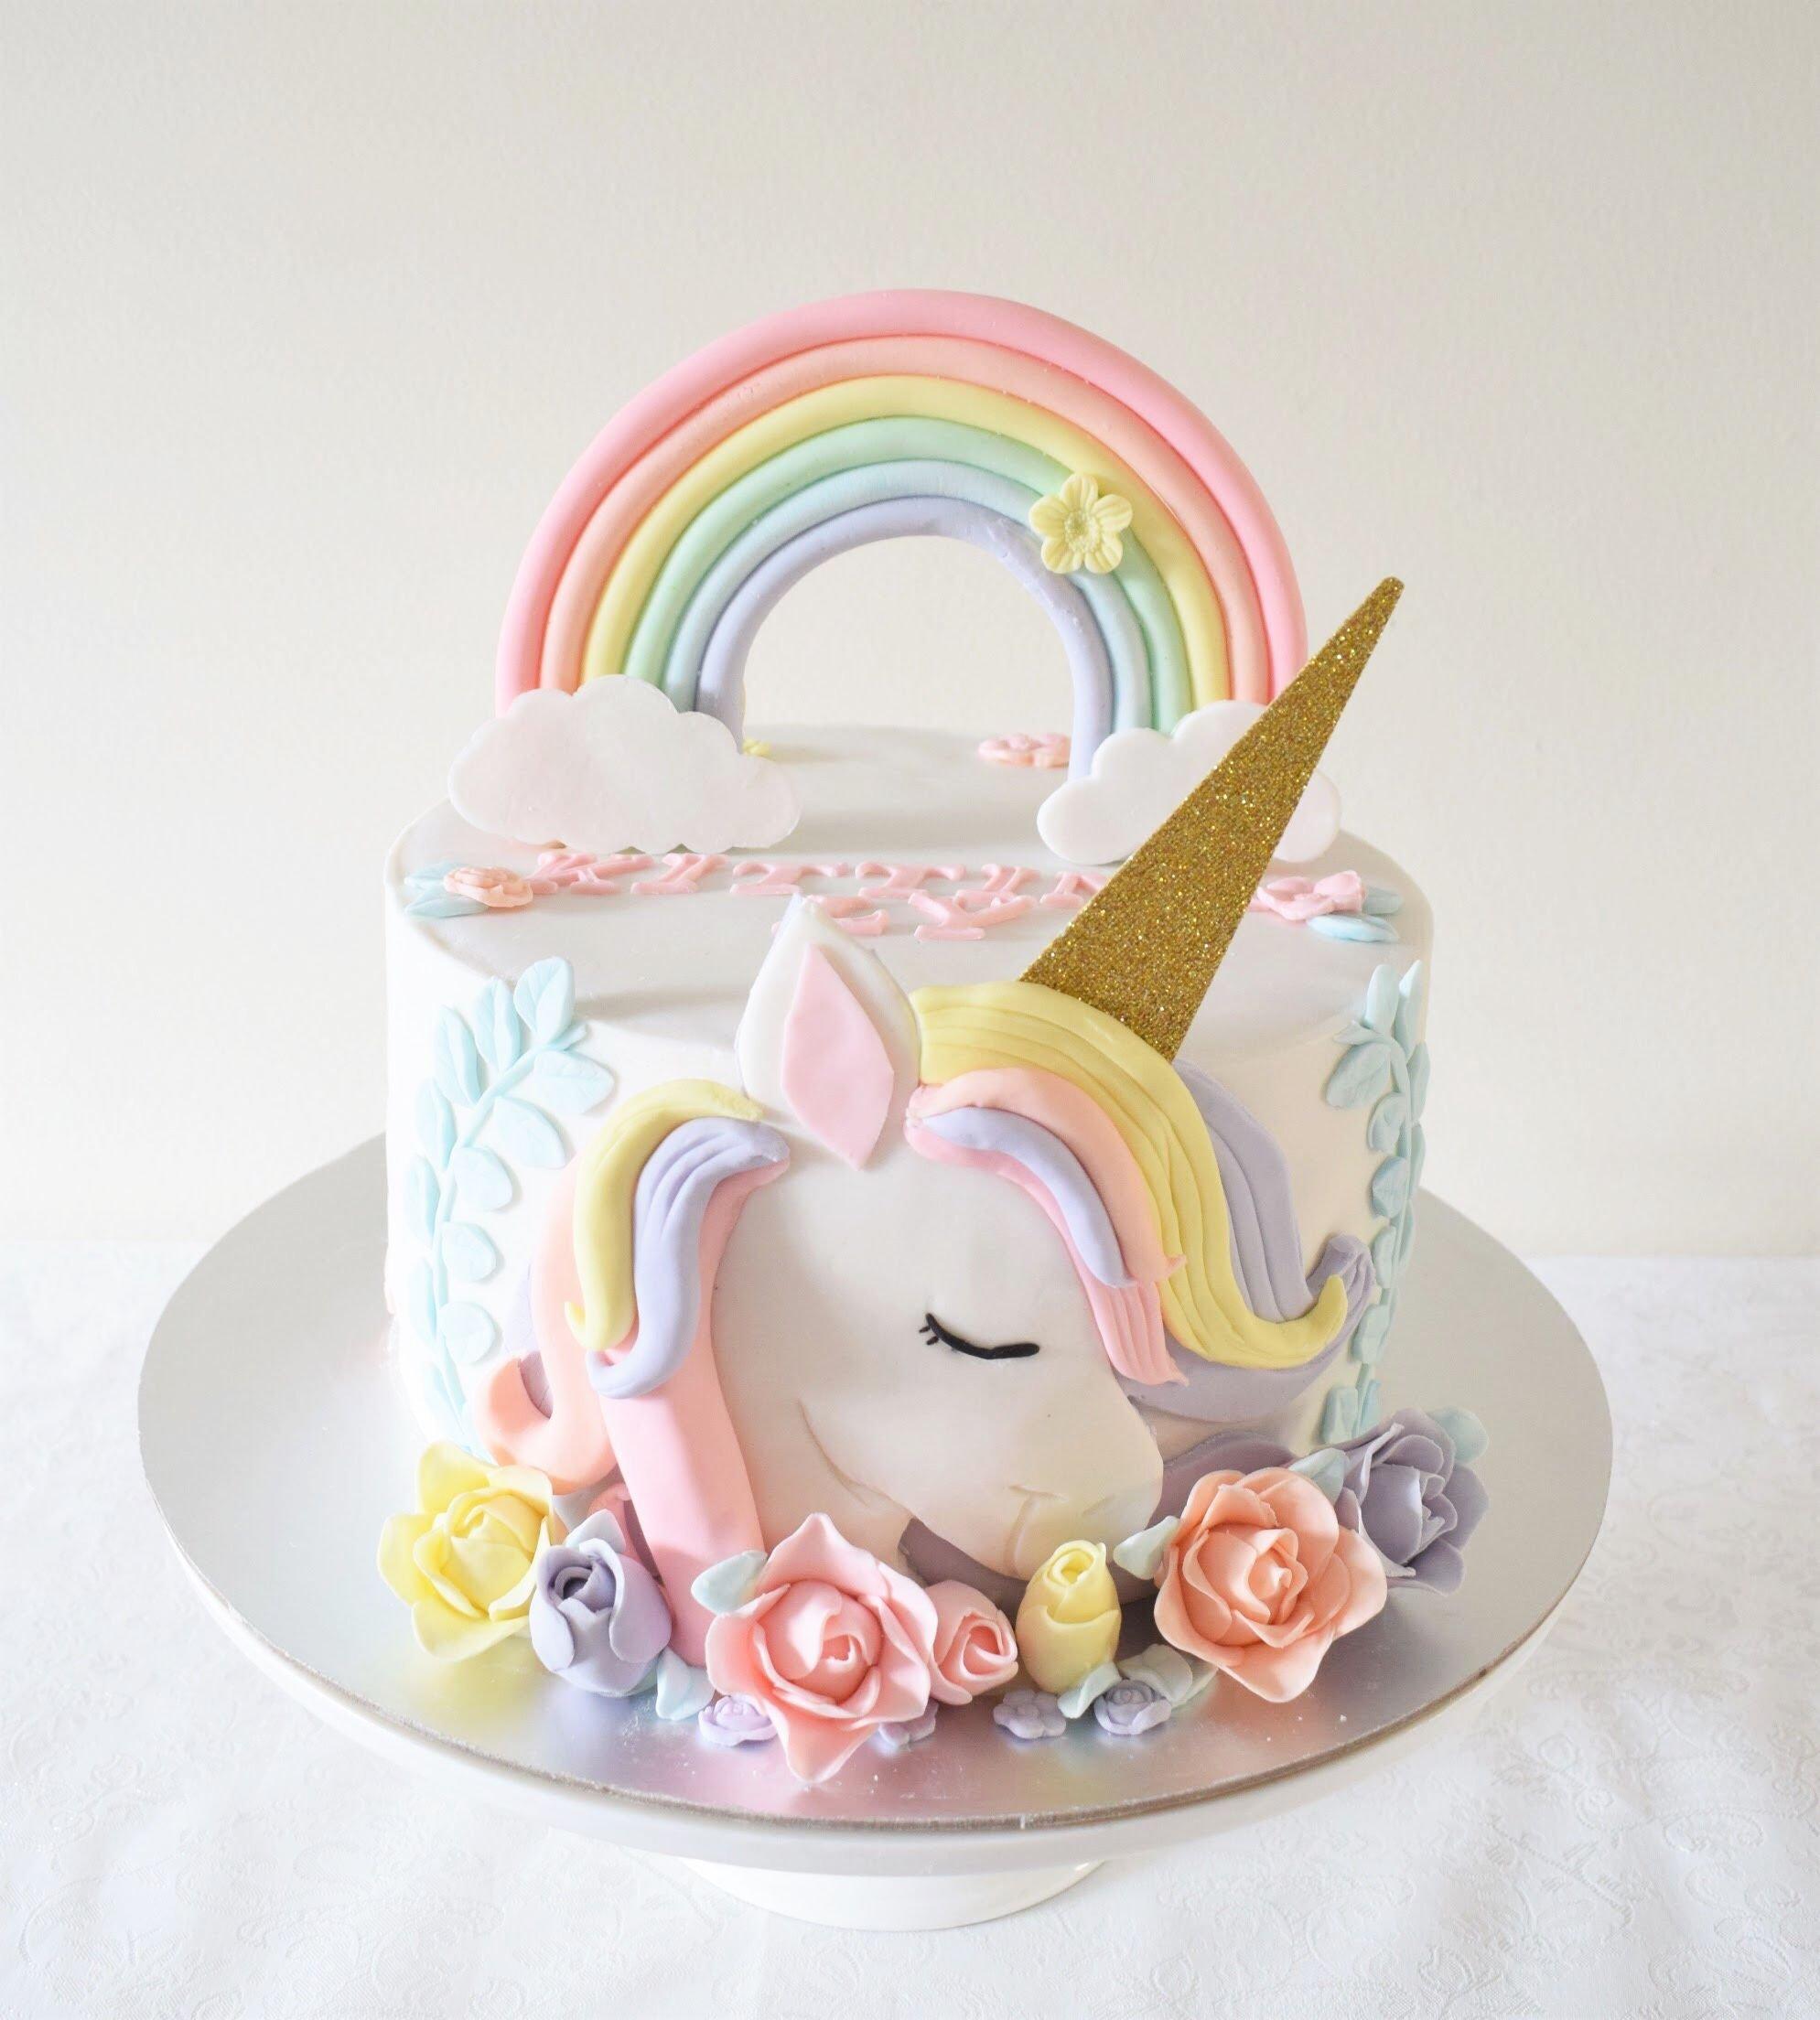 Картинка на торт единороги